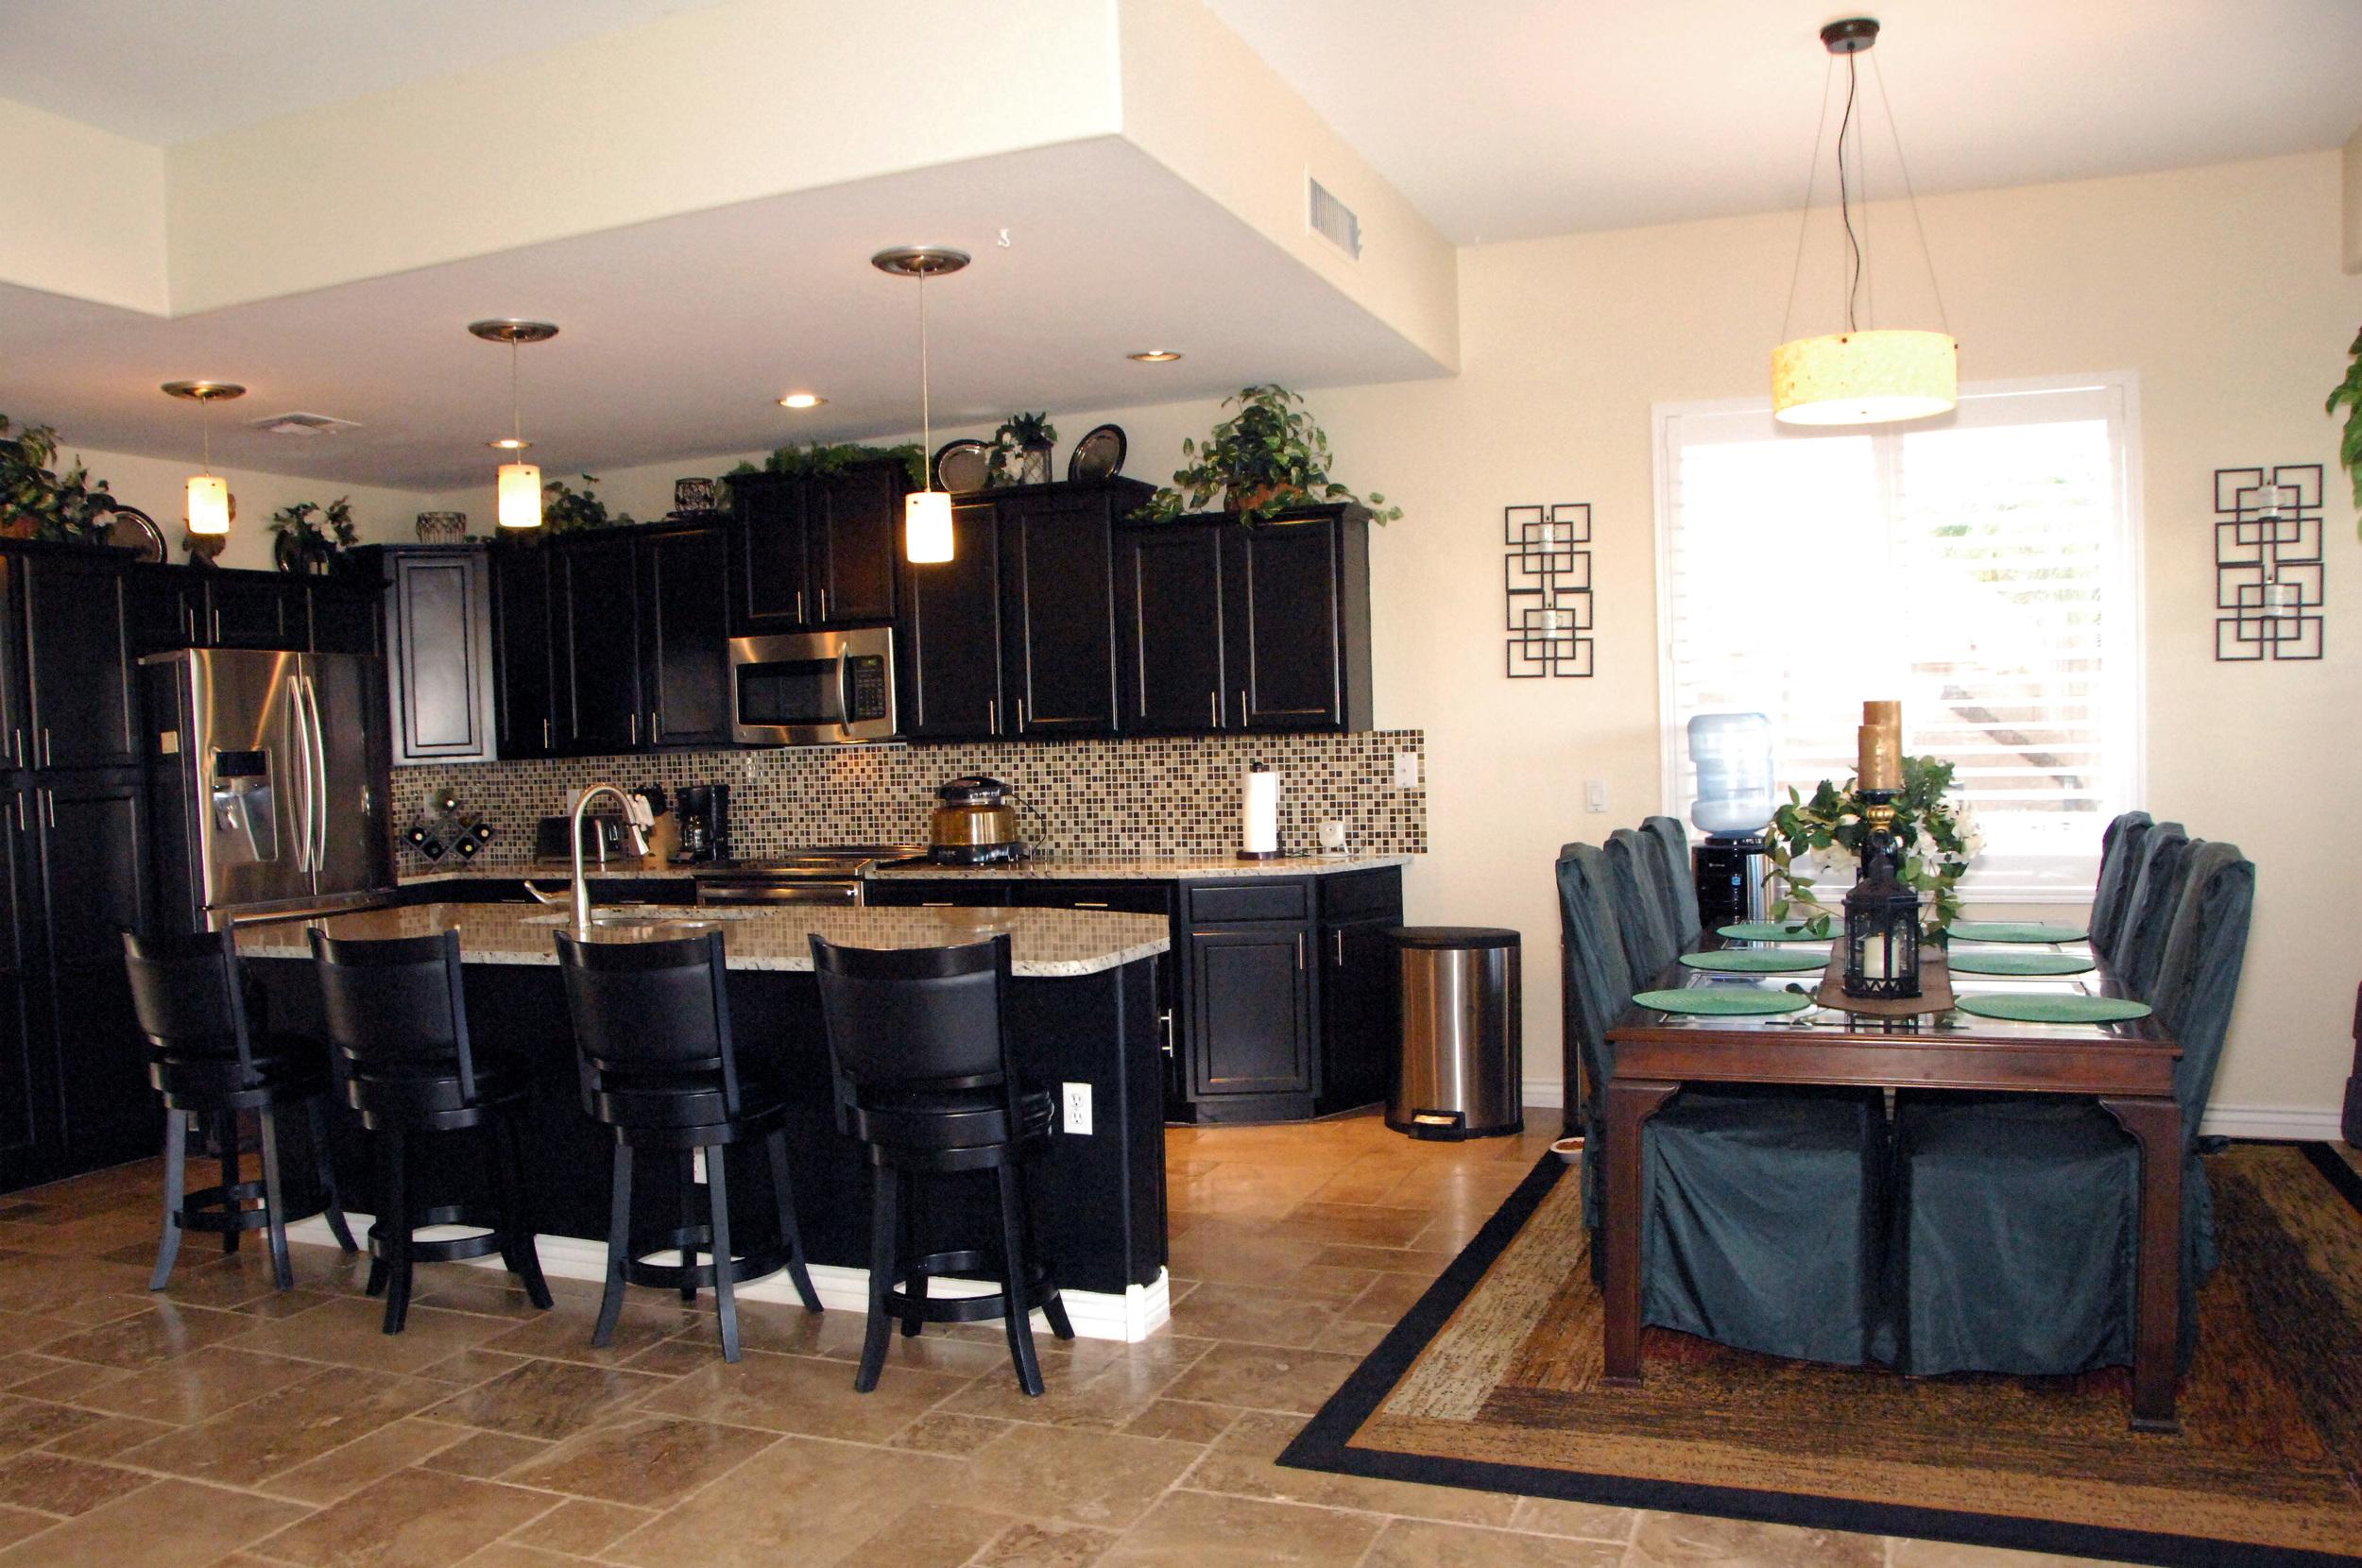 Kitchen Photo 2.JPG